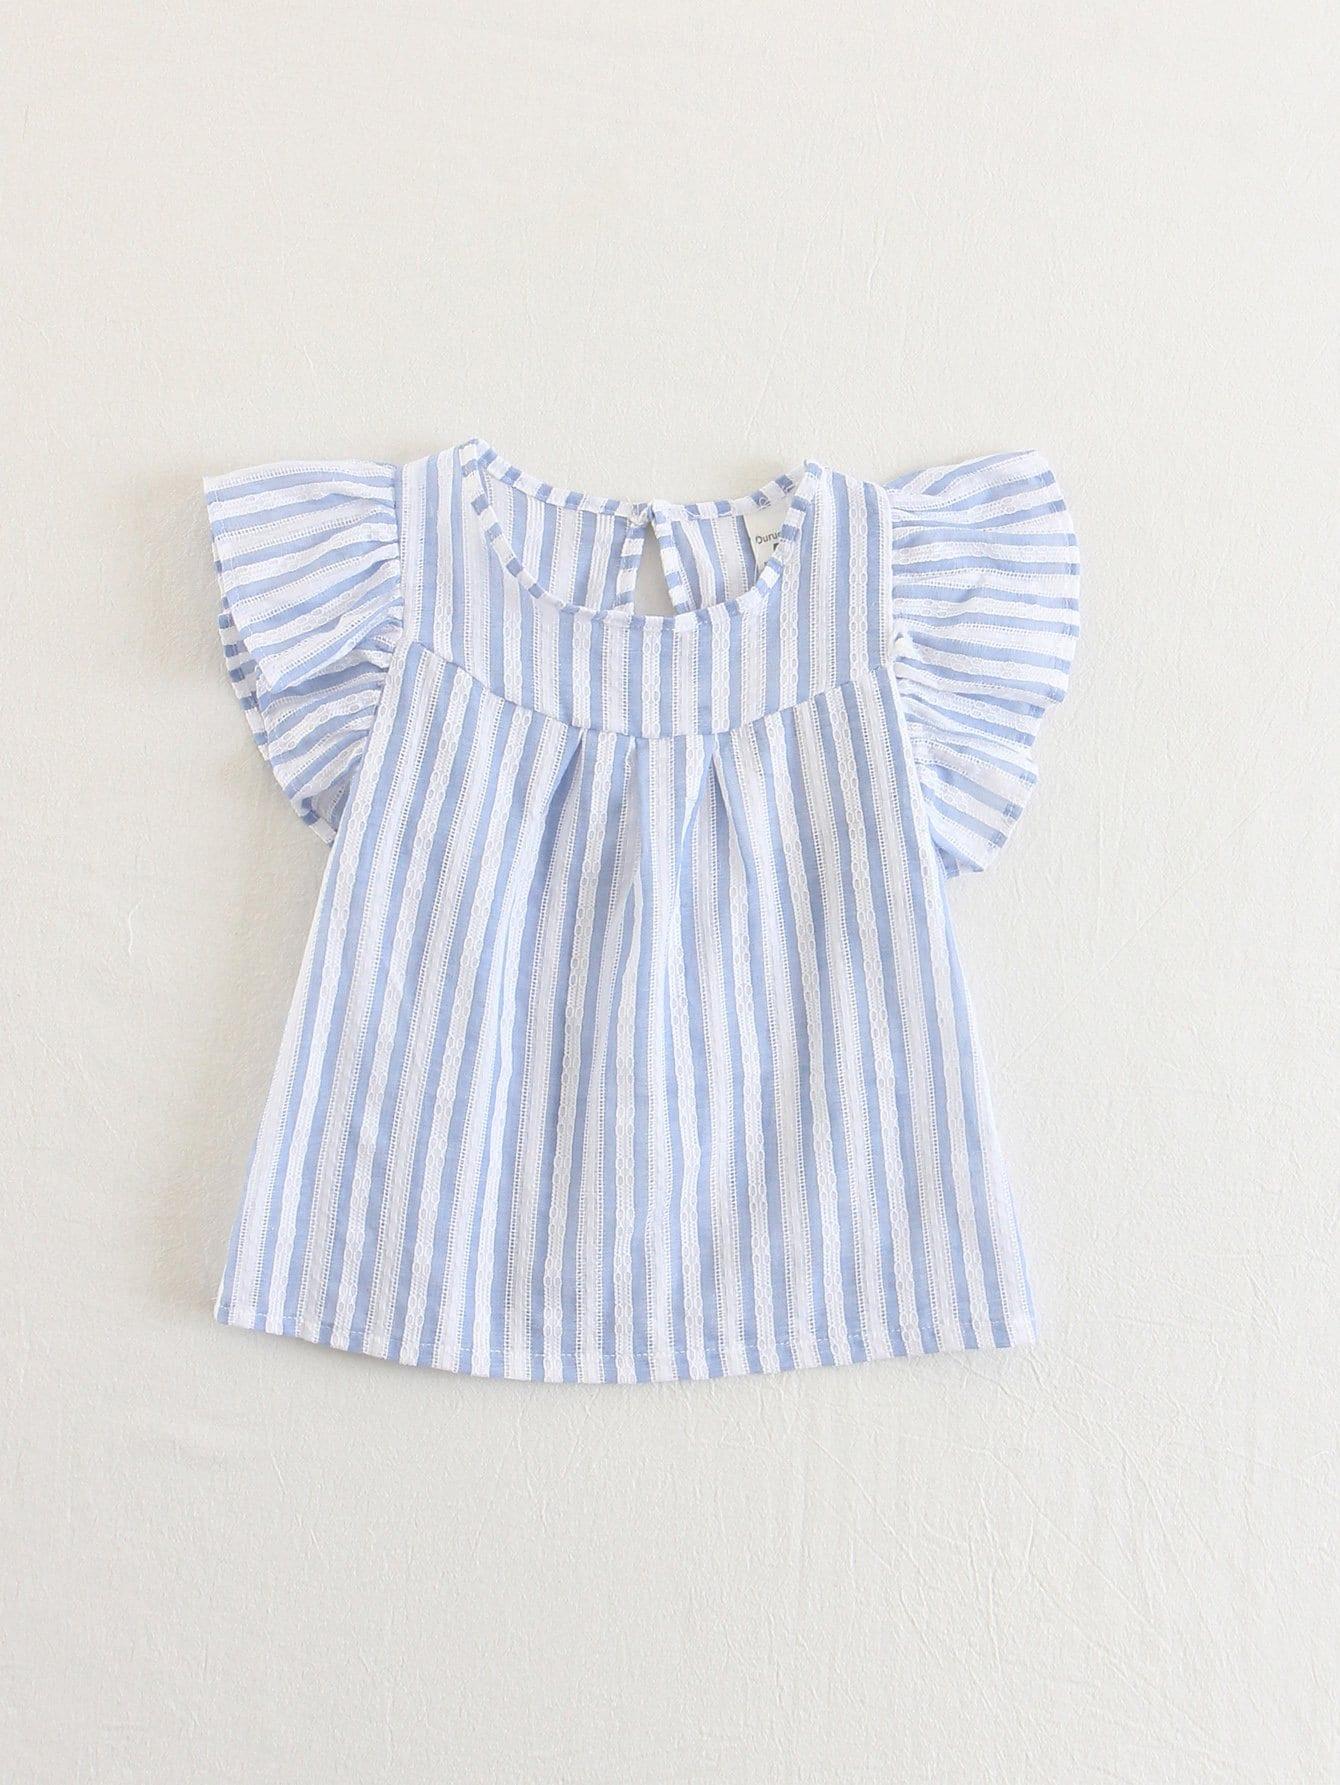 Блузка с полосками и оборками на рукавах для детей, null, SheIn  - купить со скидкой